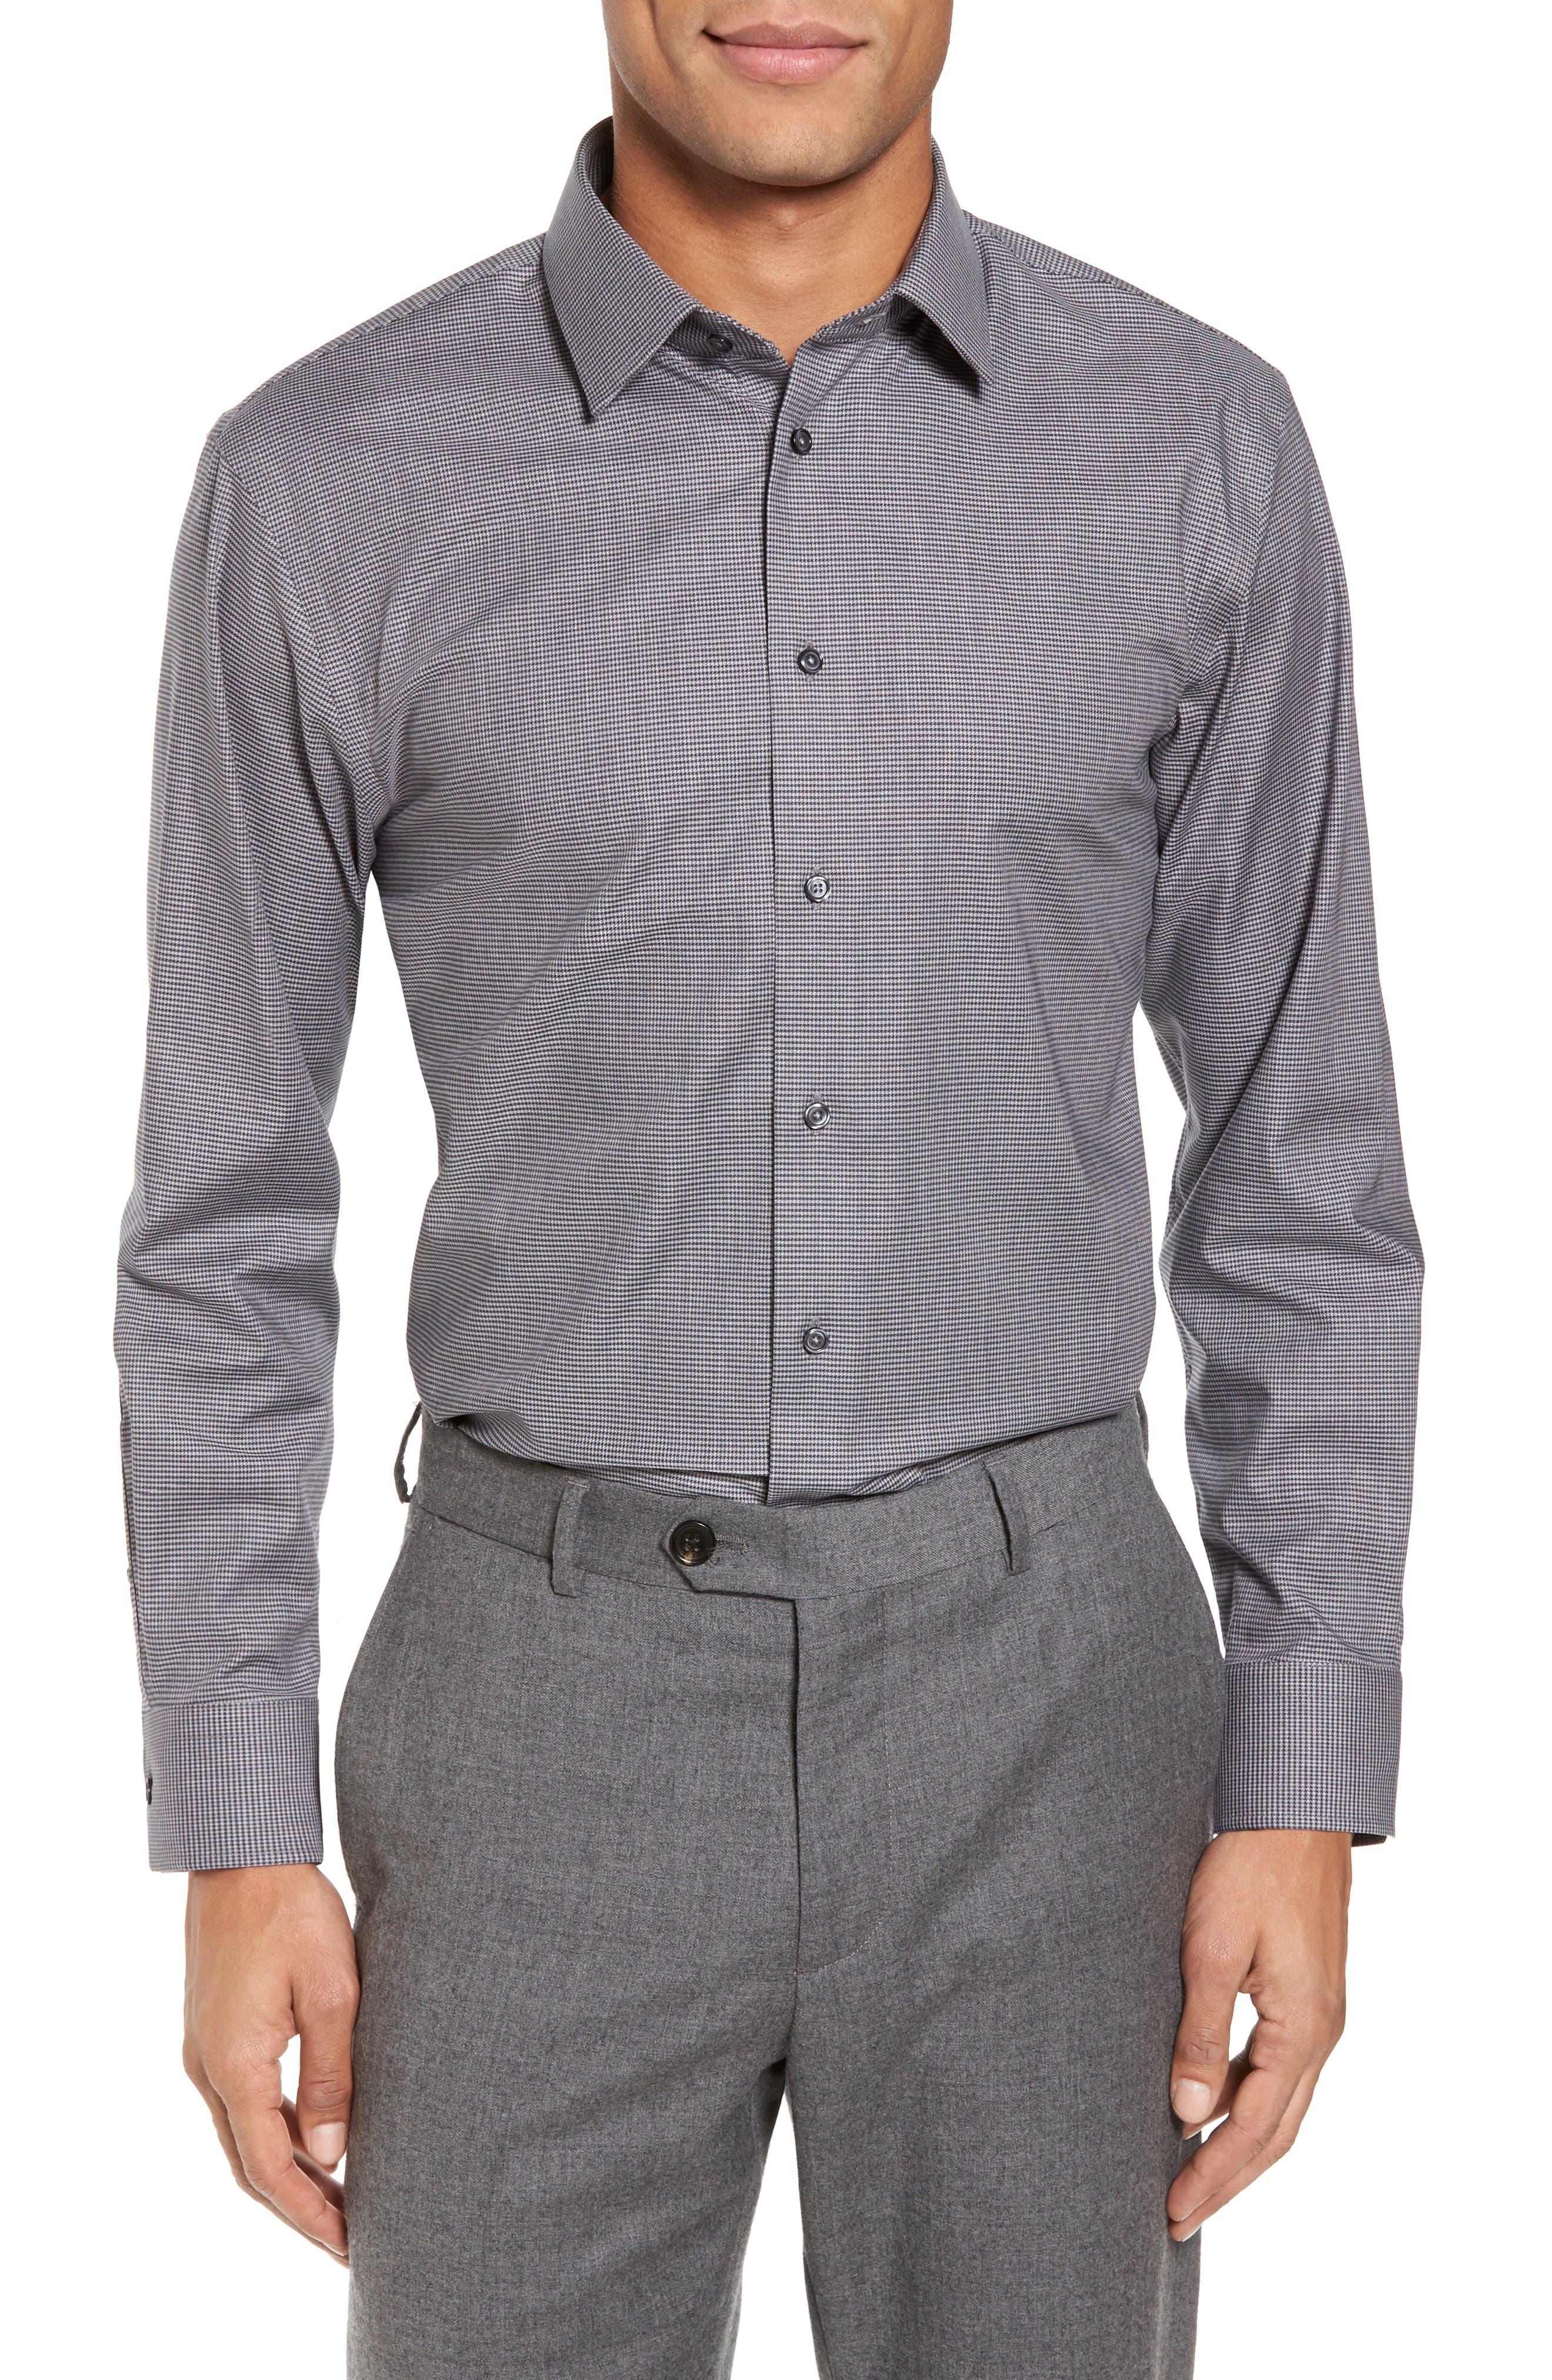 Trim Fit No-Iron Micro Houndstooth Stretch Dress Shirt,                         Main,                         color,